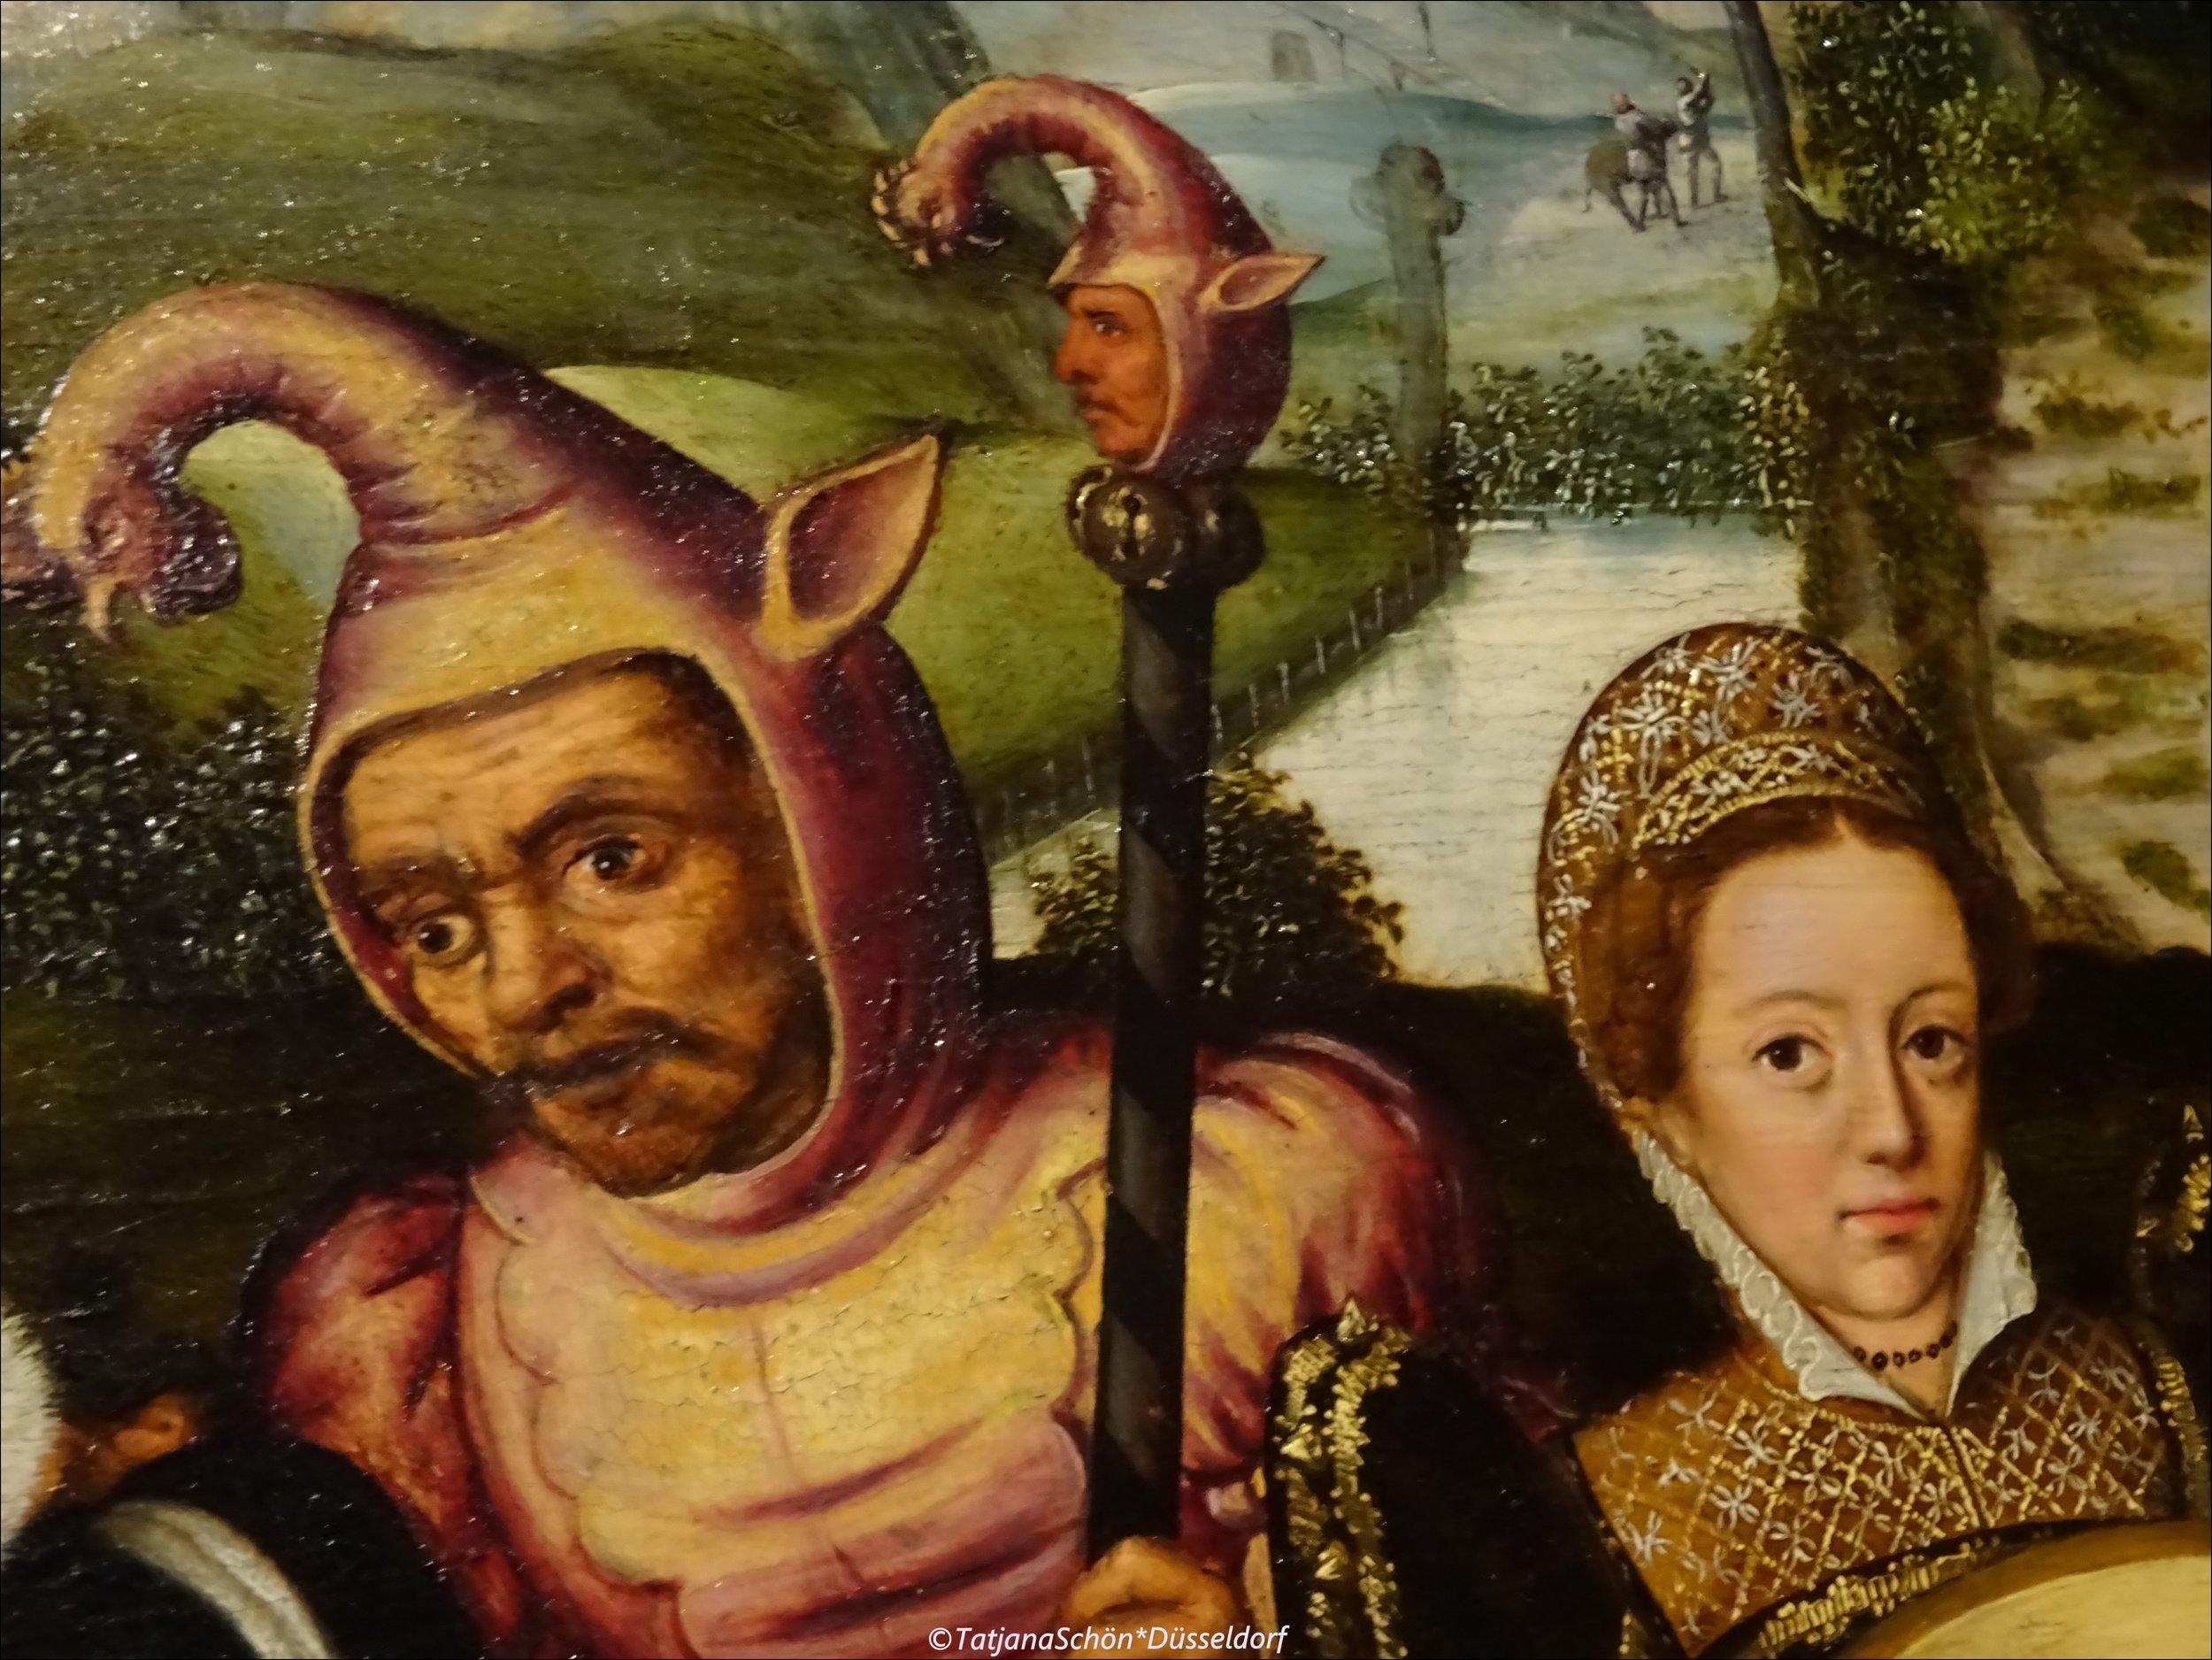 Шут с маротом - фрагмент картины, найденной в Антверпенском музее